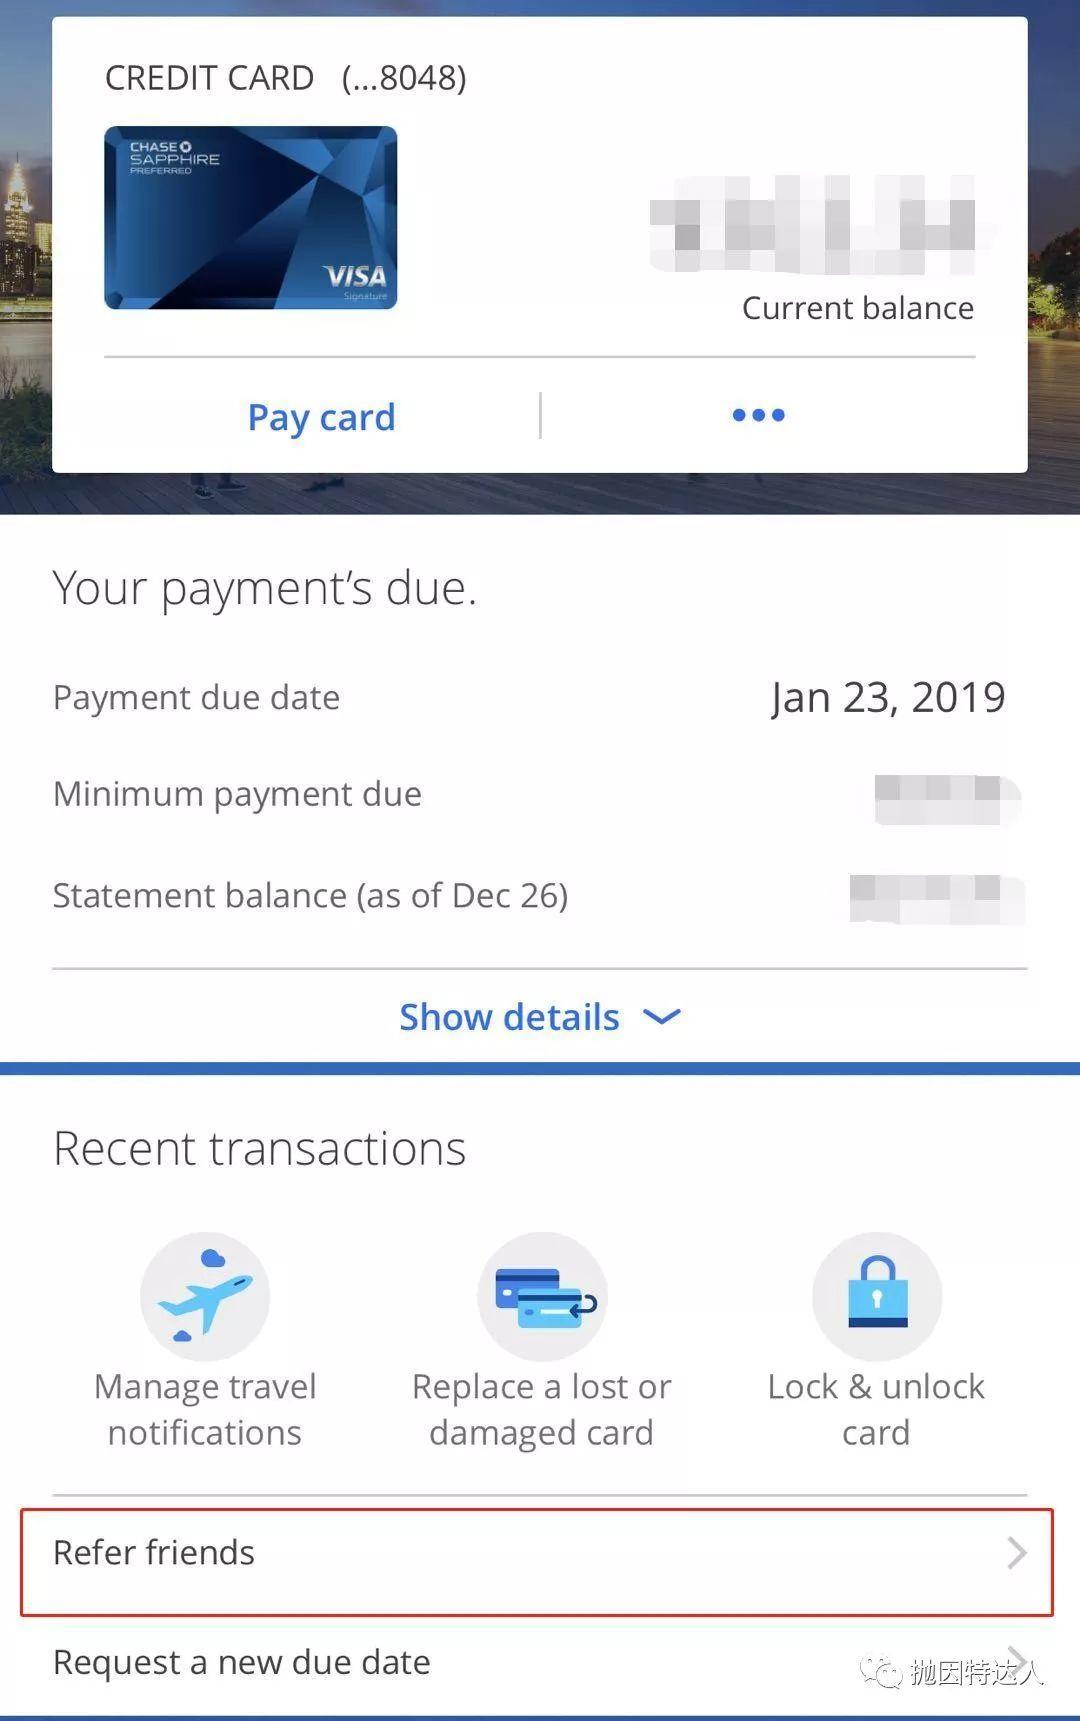 《信用卡快速入门 - Chase Ultimate Rewards终极教程(上篇):如何快速获取点数?》